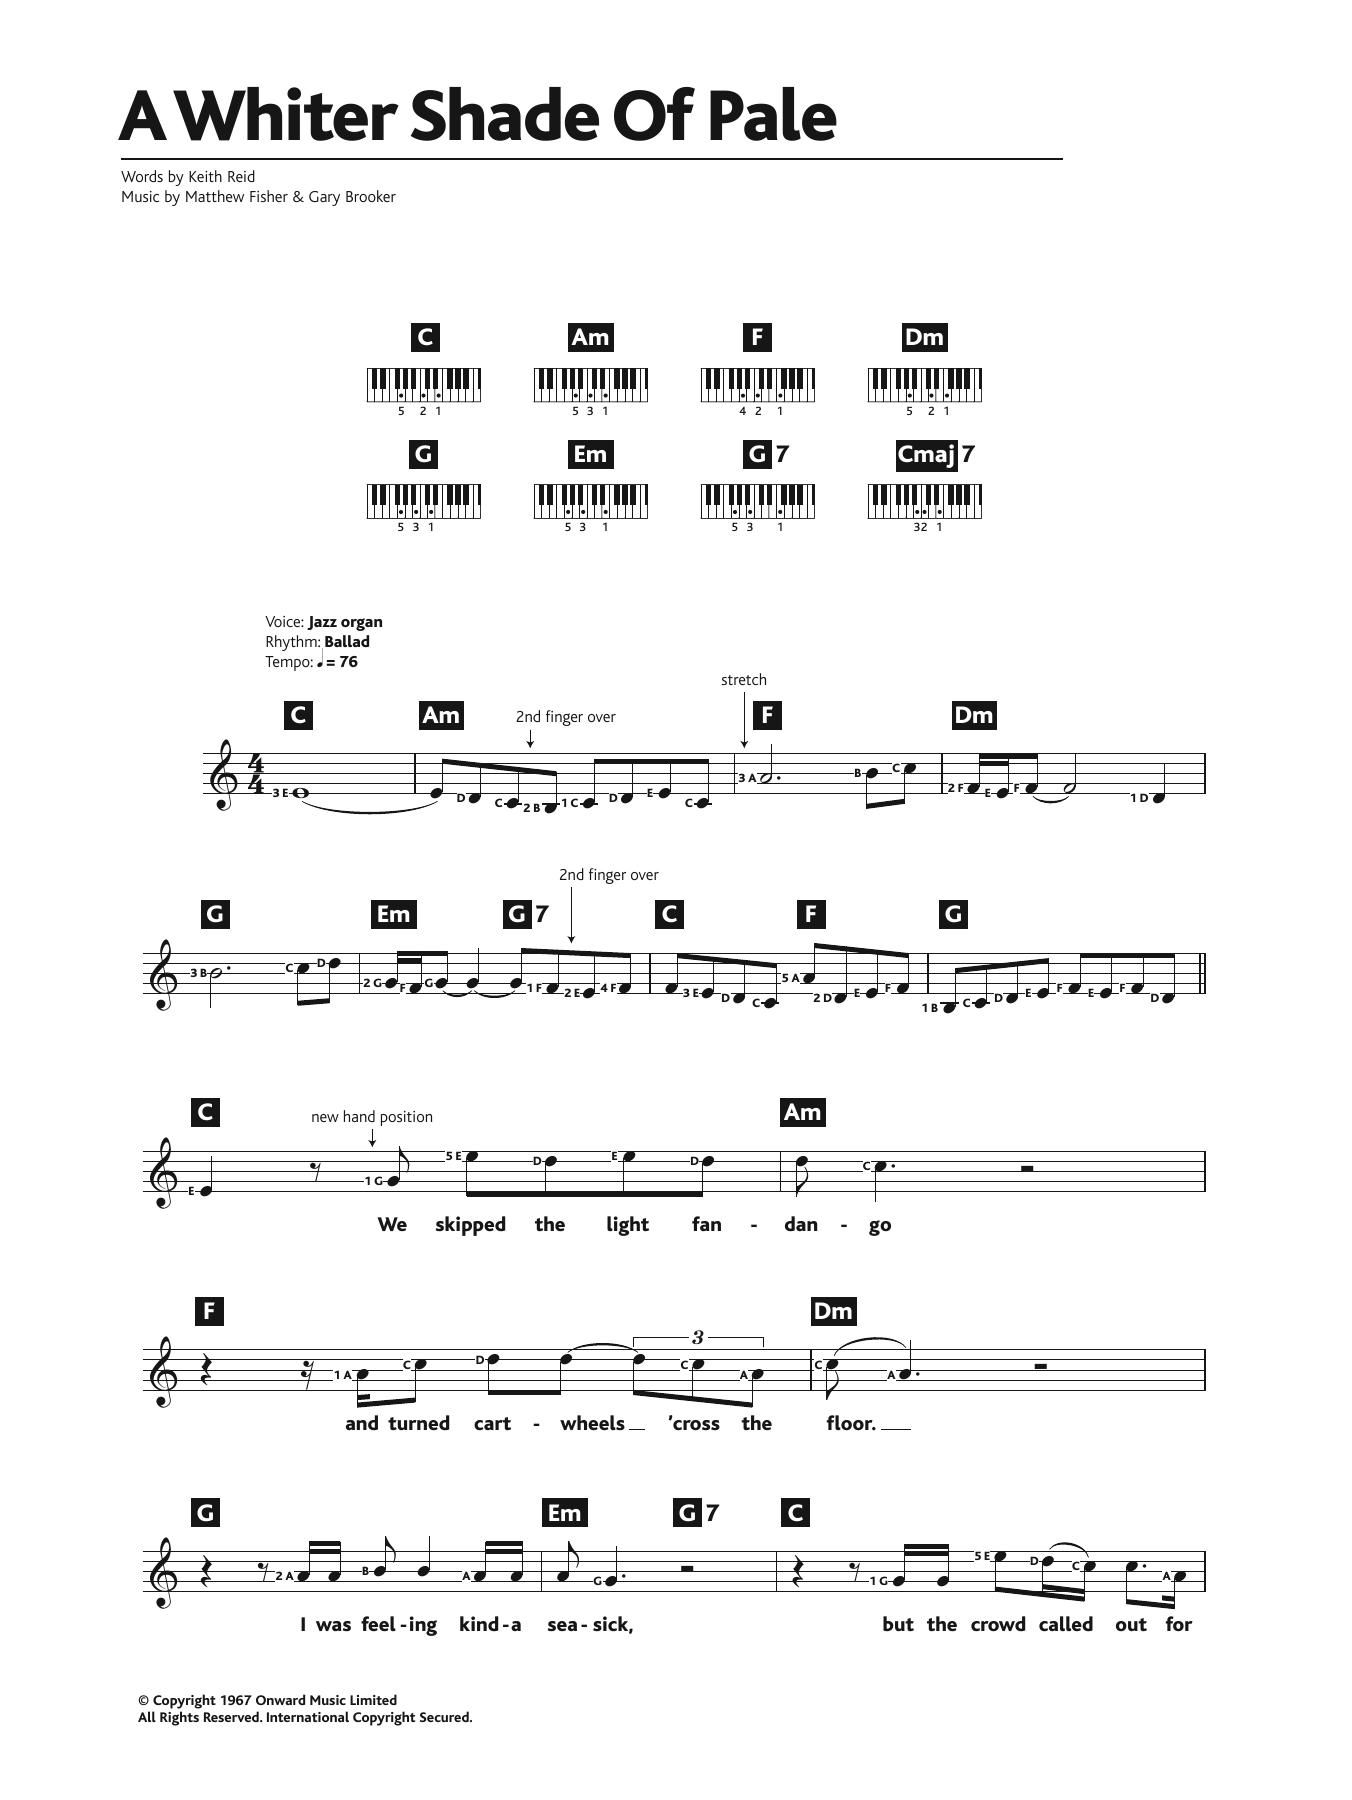 Sheet music digital files to print licensed matthew fisher sheet music digital by merriam music hexwebz Choice Image